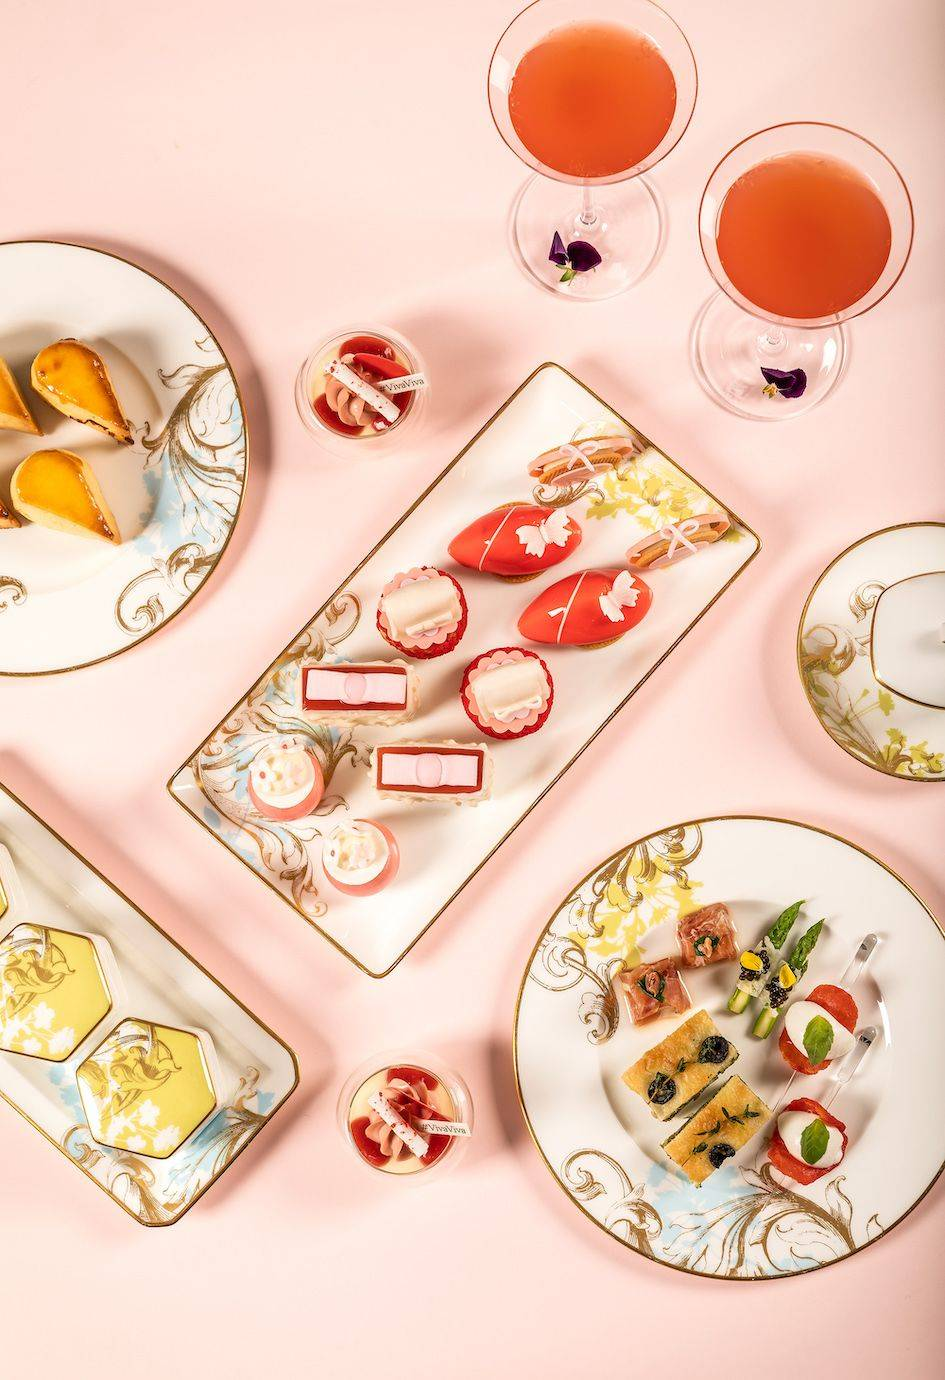 凯蒂猫、纪梵希唇膏、菲拉格慕包包,下午茶也流行组CP!